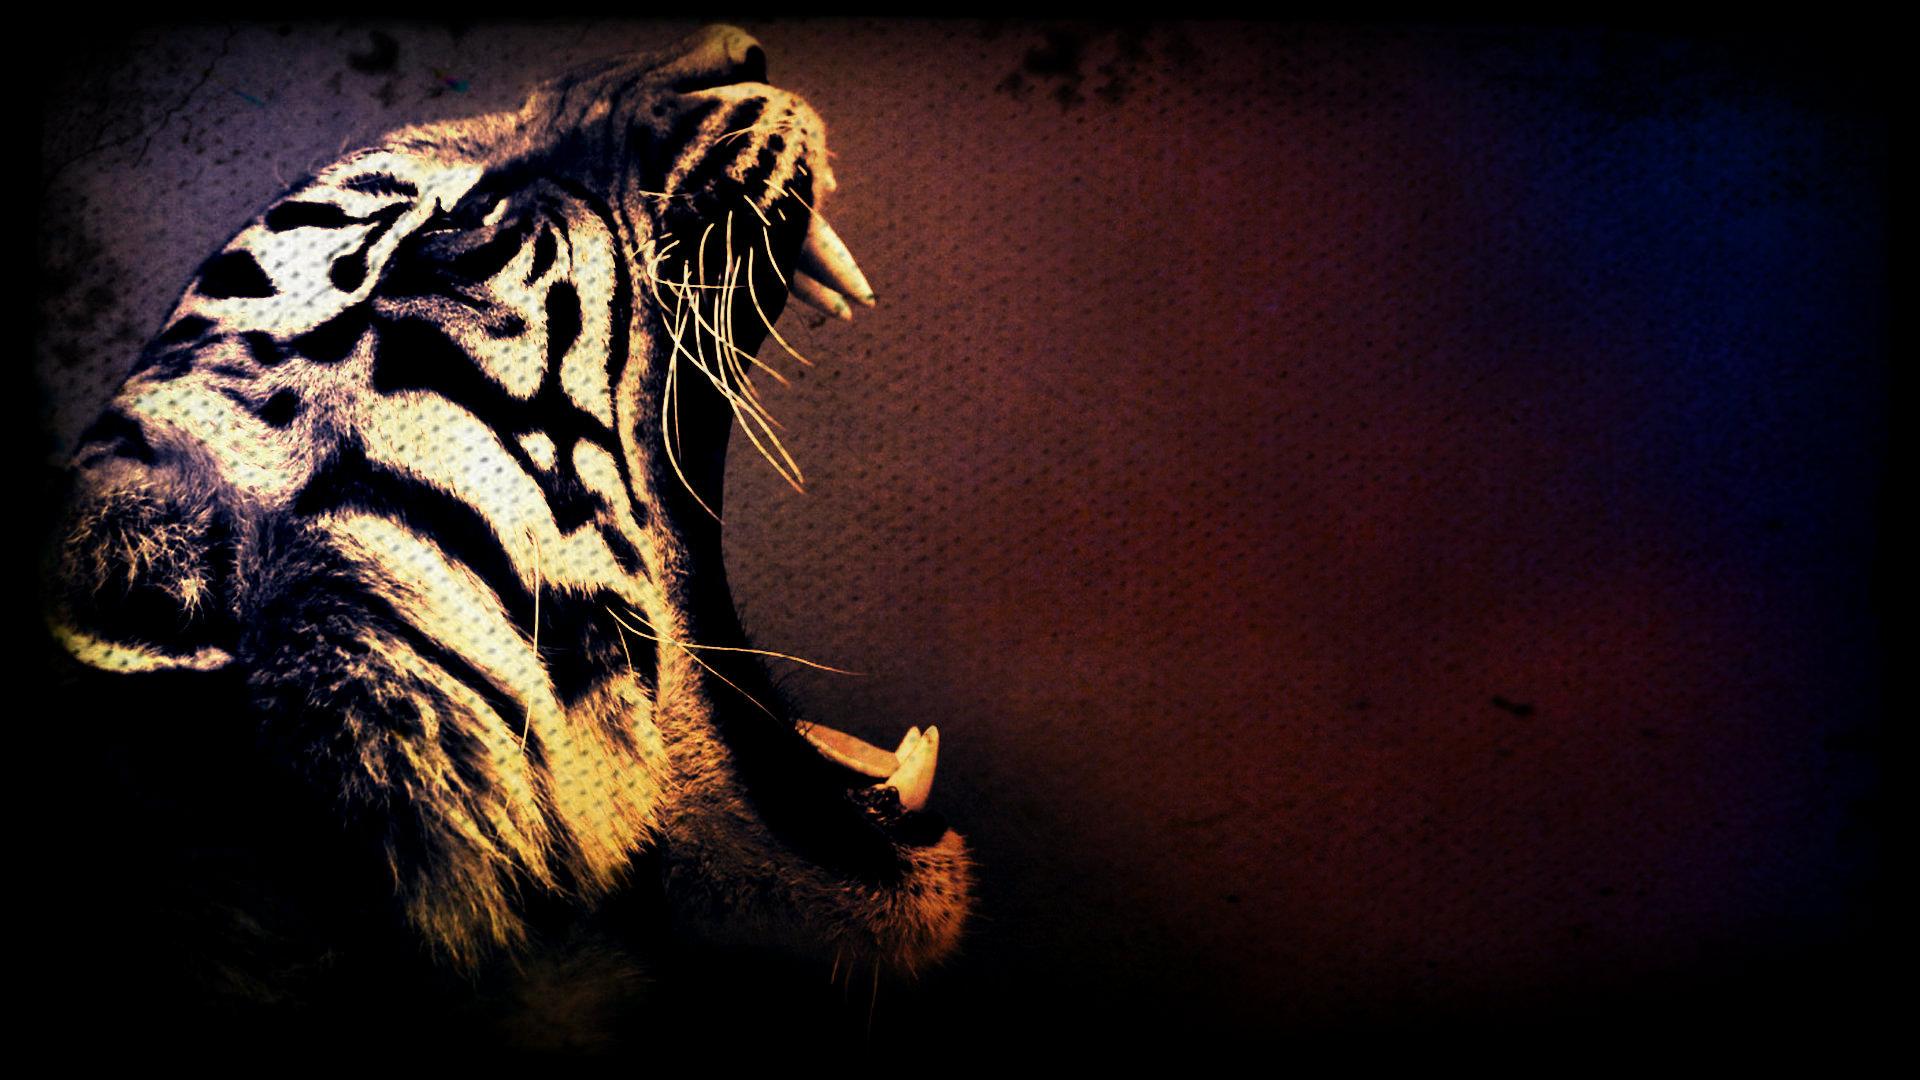 Tiger art wallpaper | 1920x1080 | 29329 | WallpaperUP